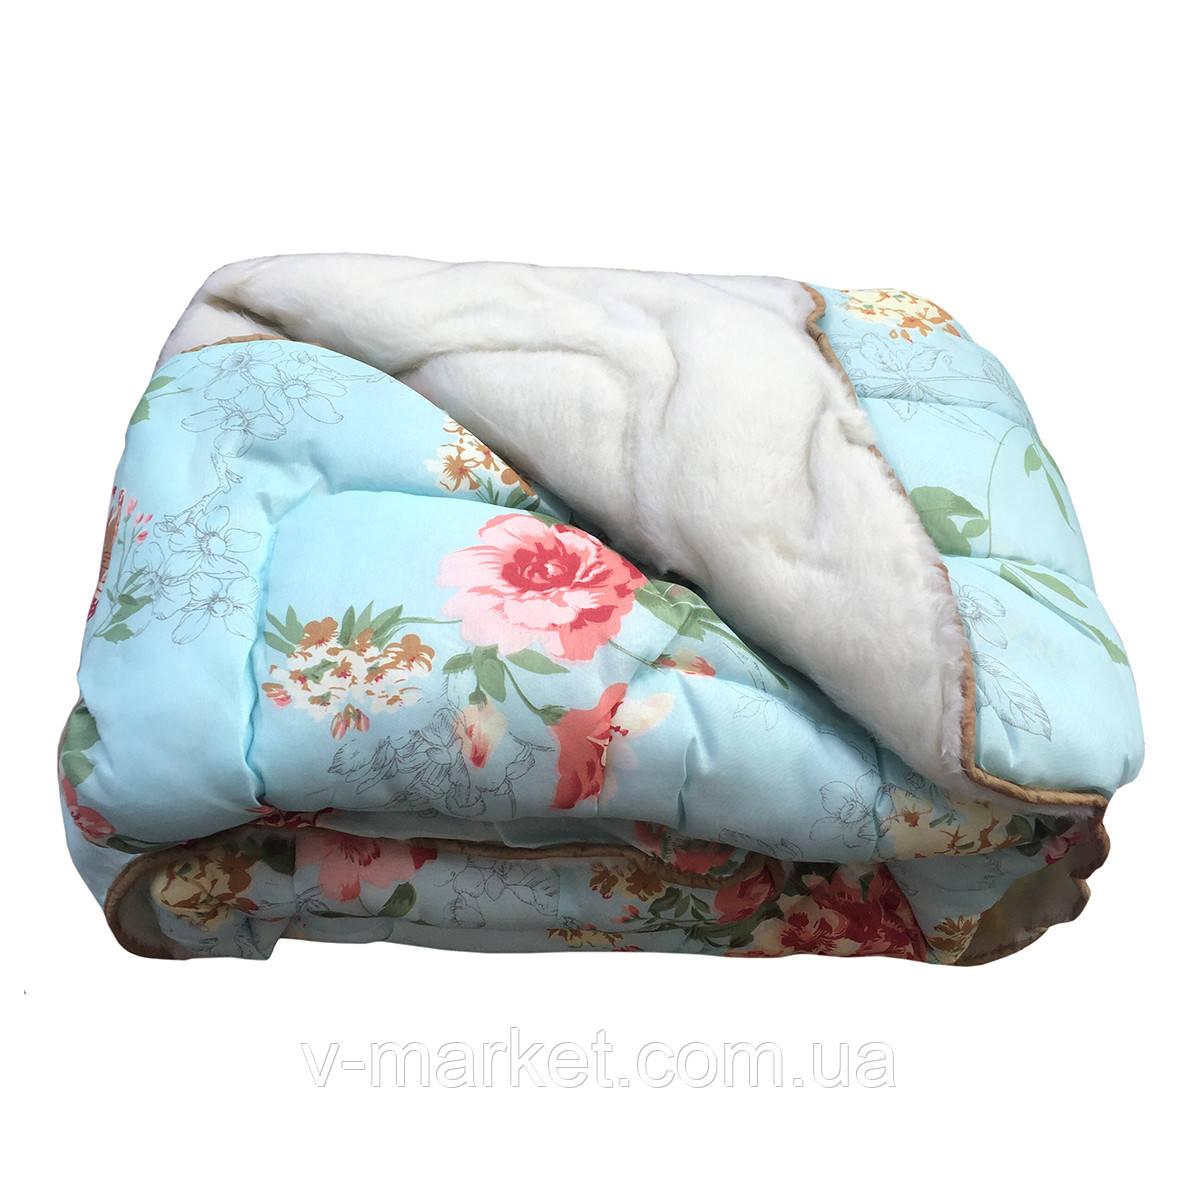 Шерстяное одеяло с мехом полуторное эконом, 145/215 см, ткань бязь (поликотон)